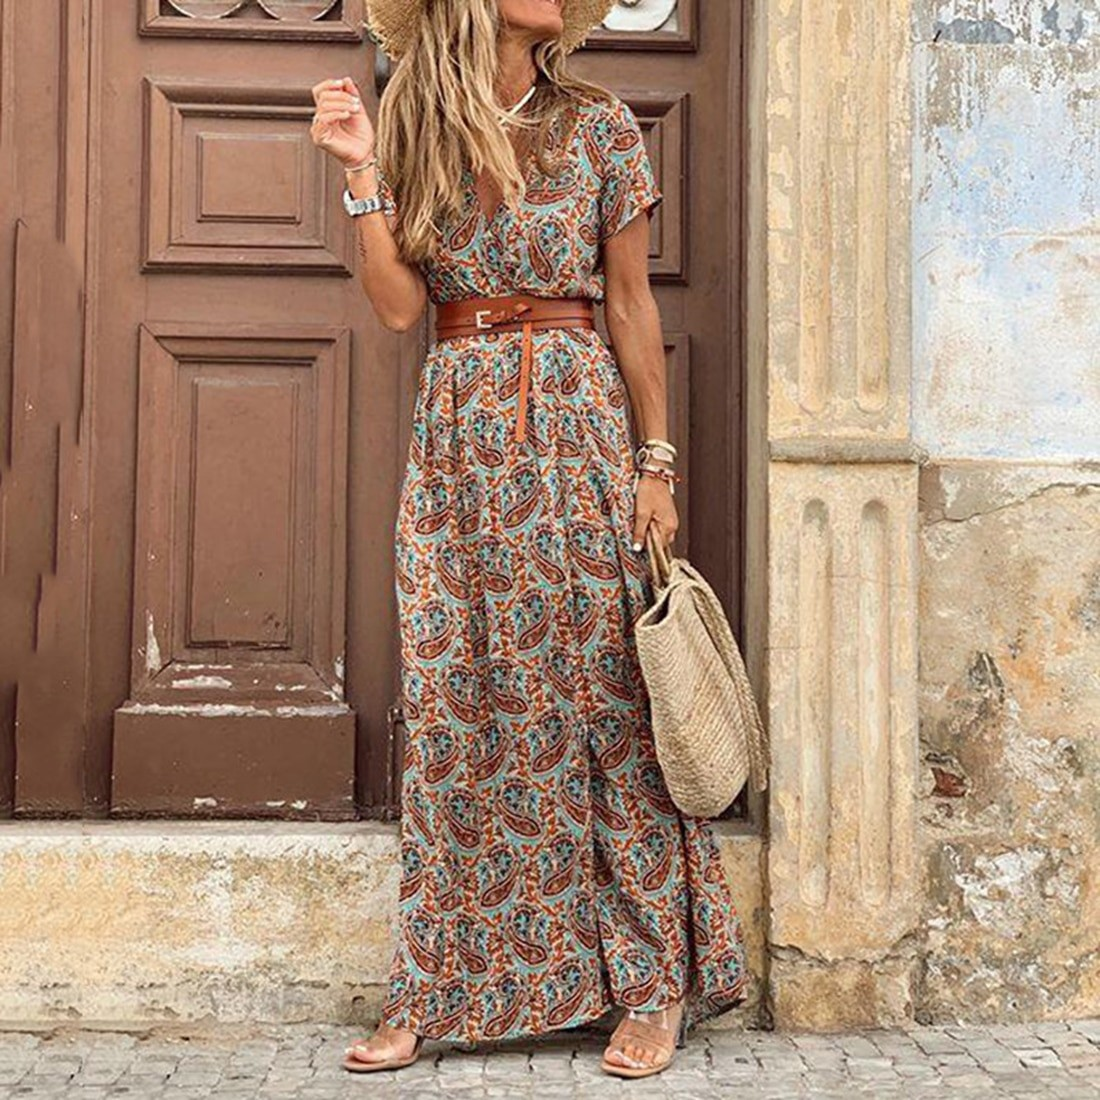 MoneRffi 2020 letnia plaża Maxi sukienka kobiety kwiatowy Print długa sukienka Boho Casual dekolt w serek